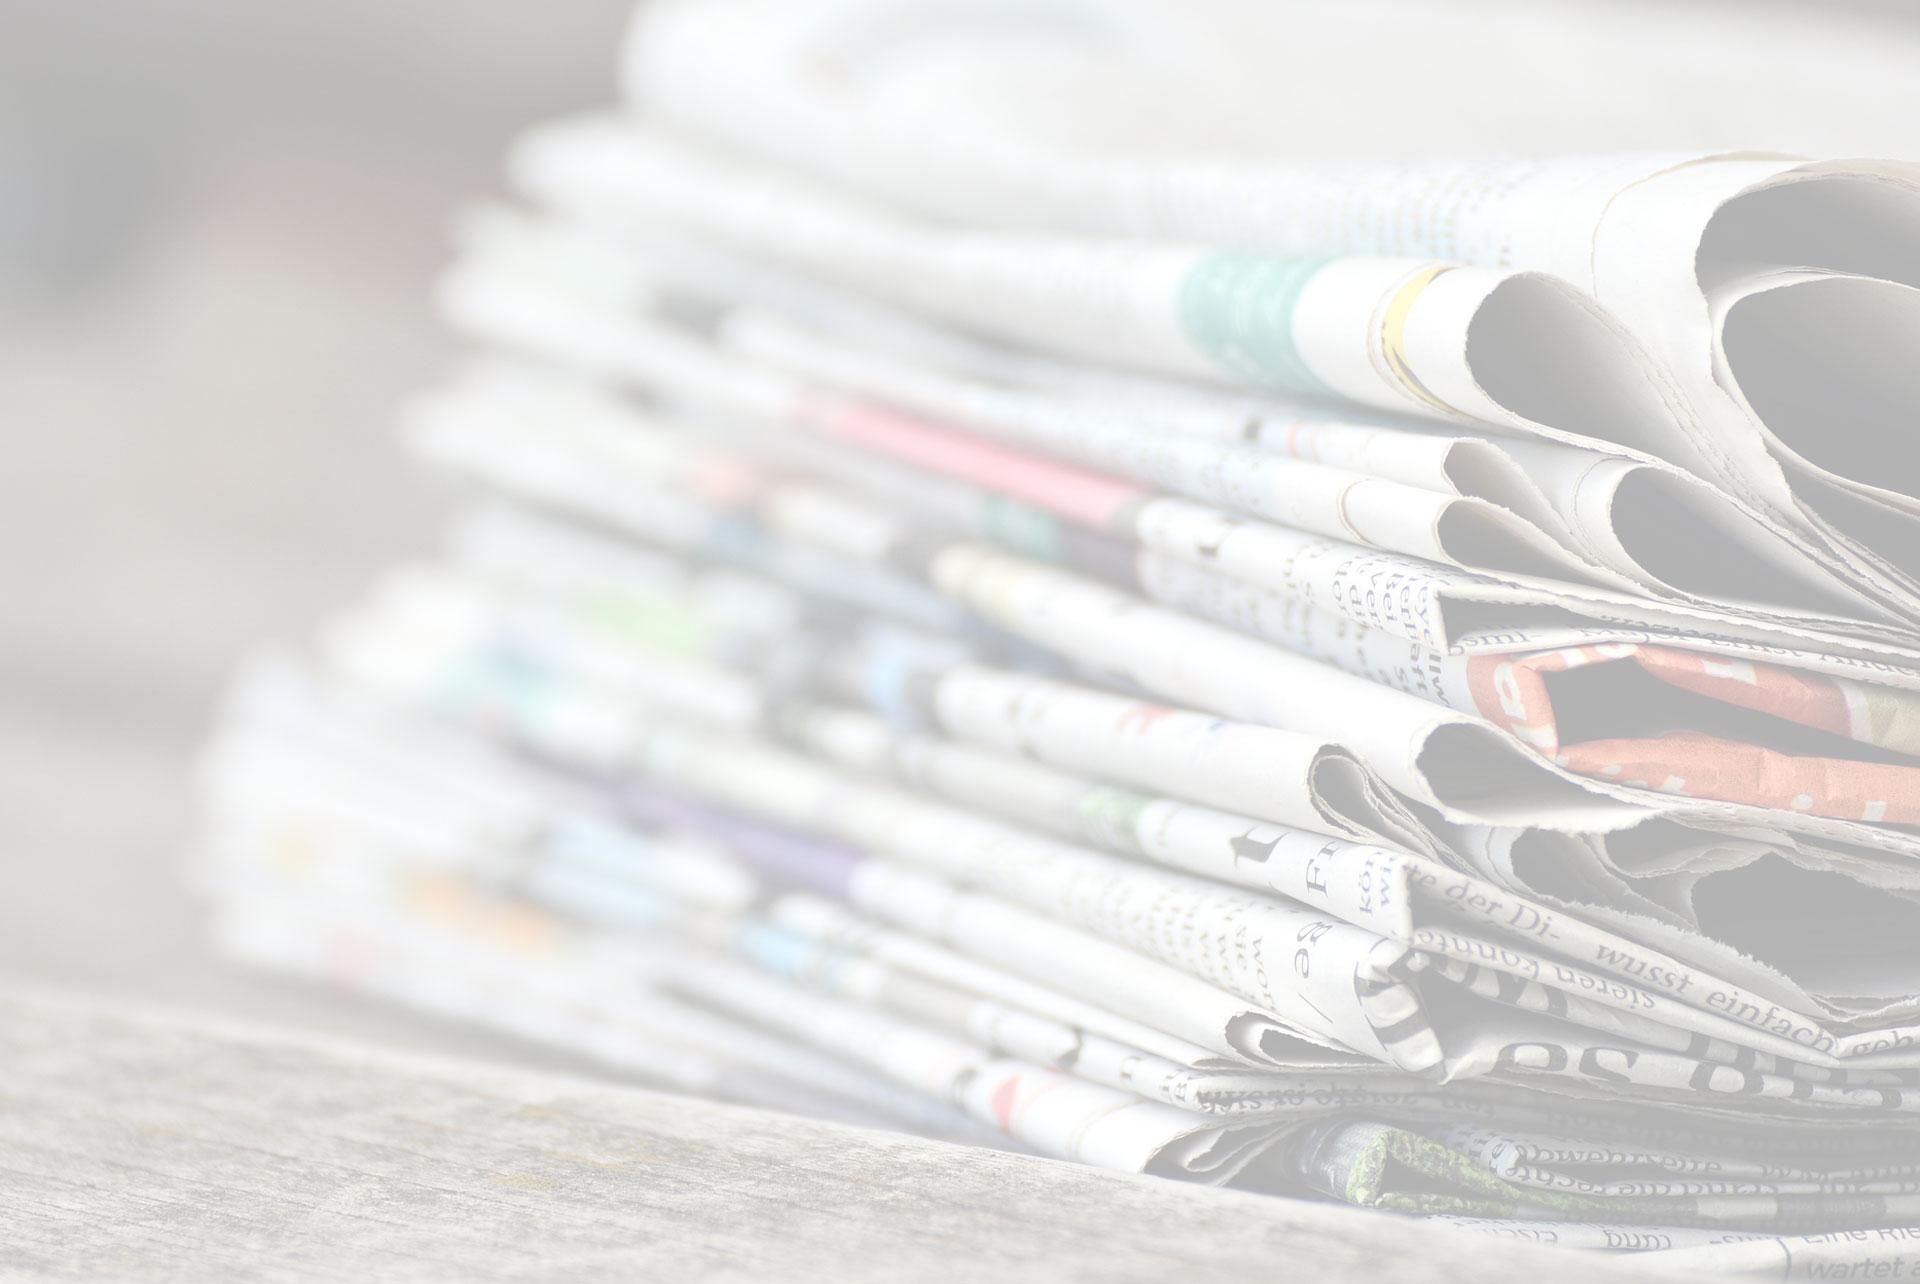 Matteo Renzi in Pakistan, M5s e Lega attaccano l'ex premier.